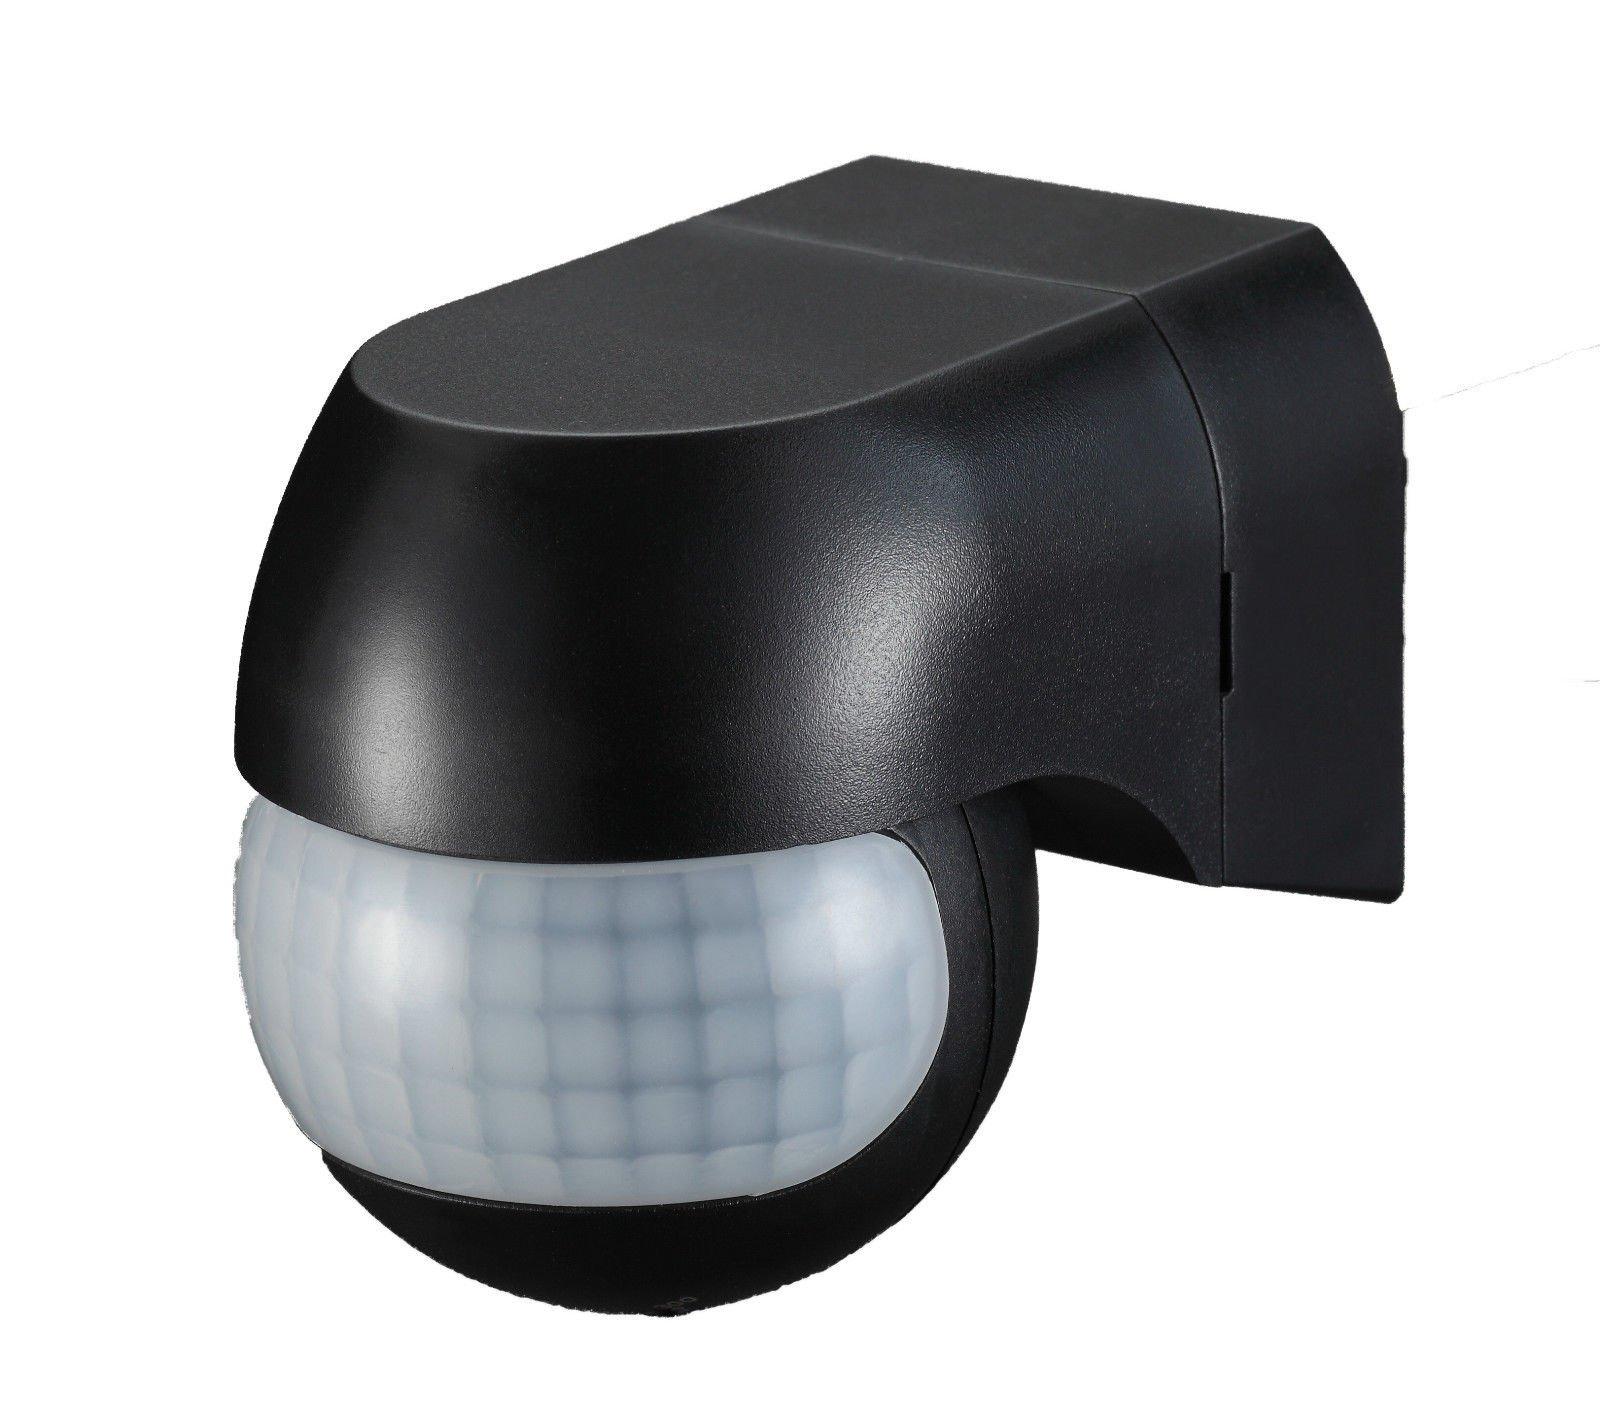 Sensor de movimiento Ukew - infrarrojo (PIR) para luces exteriores, 180 grados,